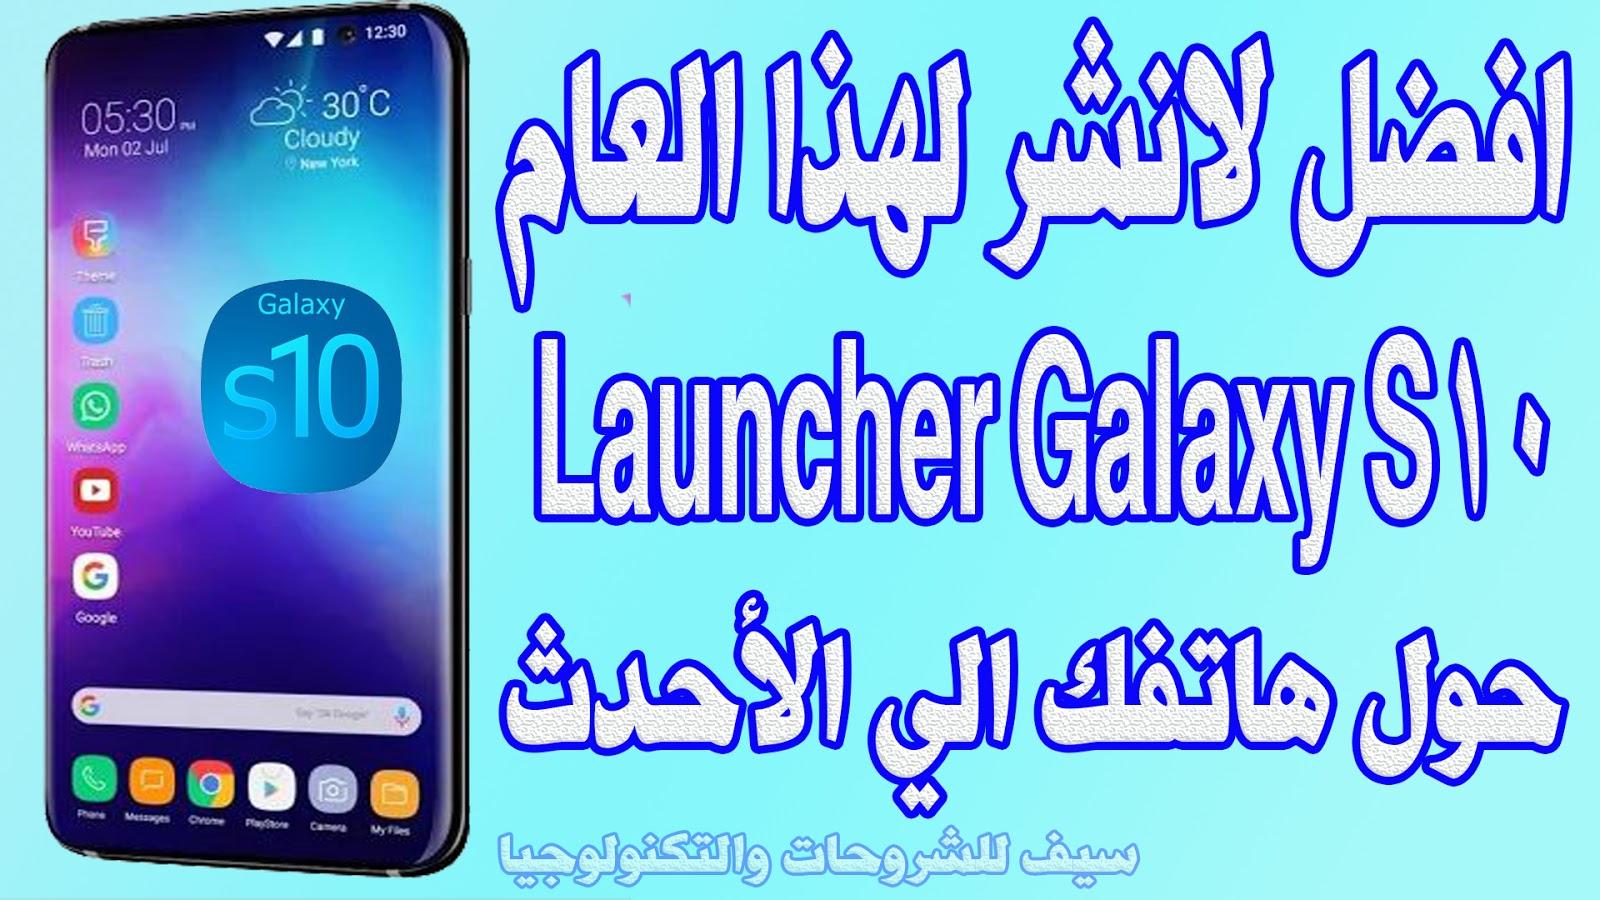 تحميل افضل واحدث لانشر -  Launcher حتي الان للاندرويد Launcher Galaxy S10 Style